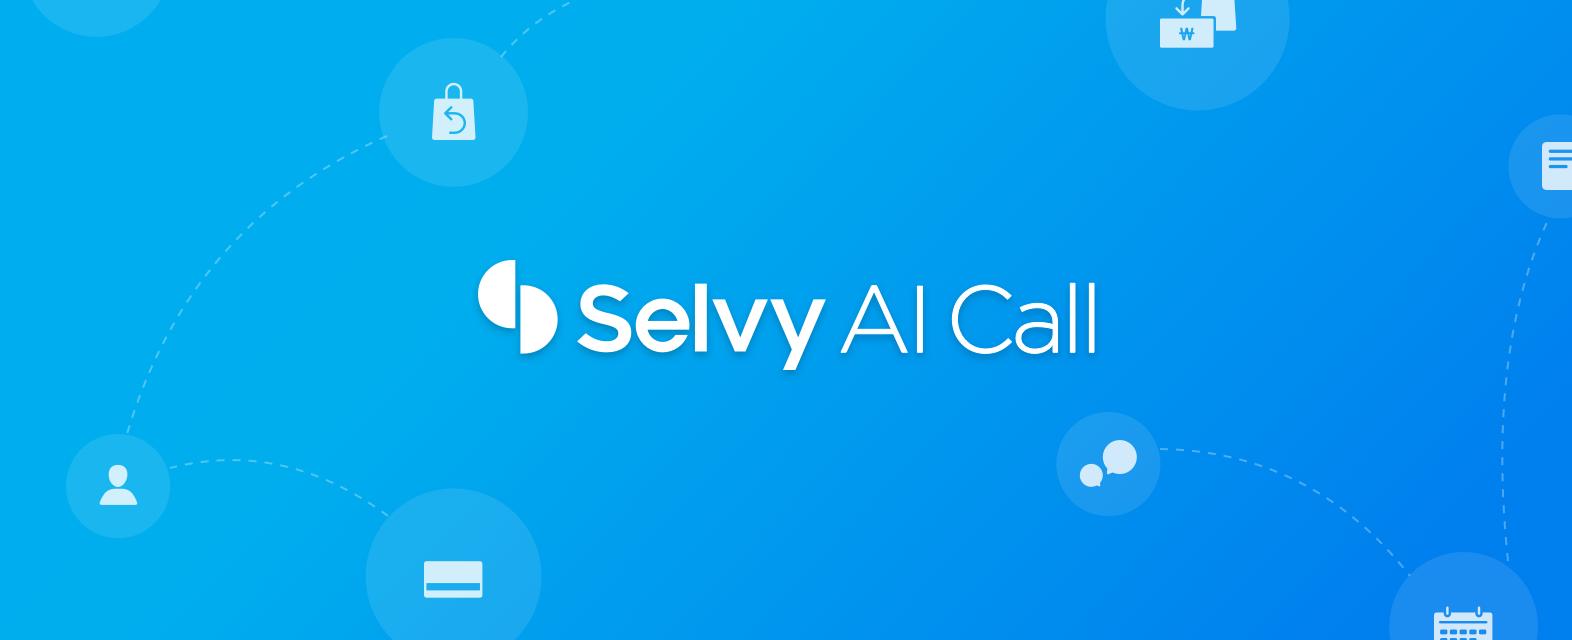 유통, 이커머스, 금융 등 비지니스에 최적화된 AI Call, 셀비에이아이콜